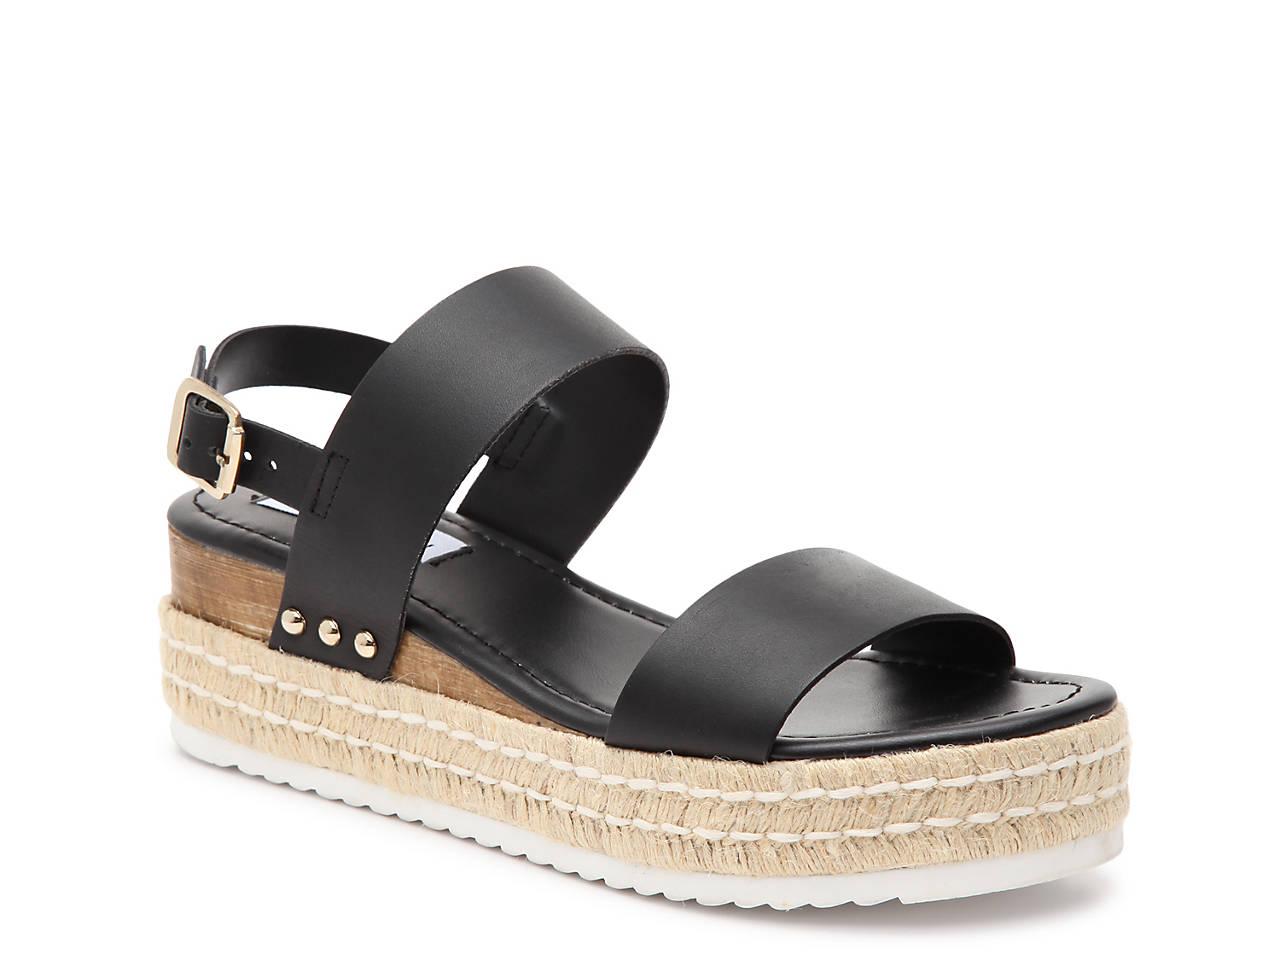 d381747c45f Catia Espadrille Wedge Sandal